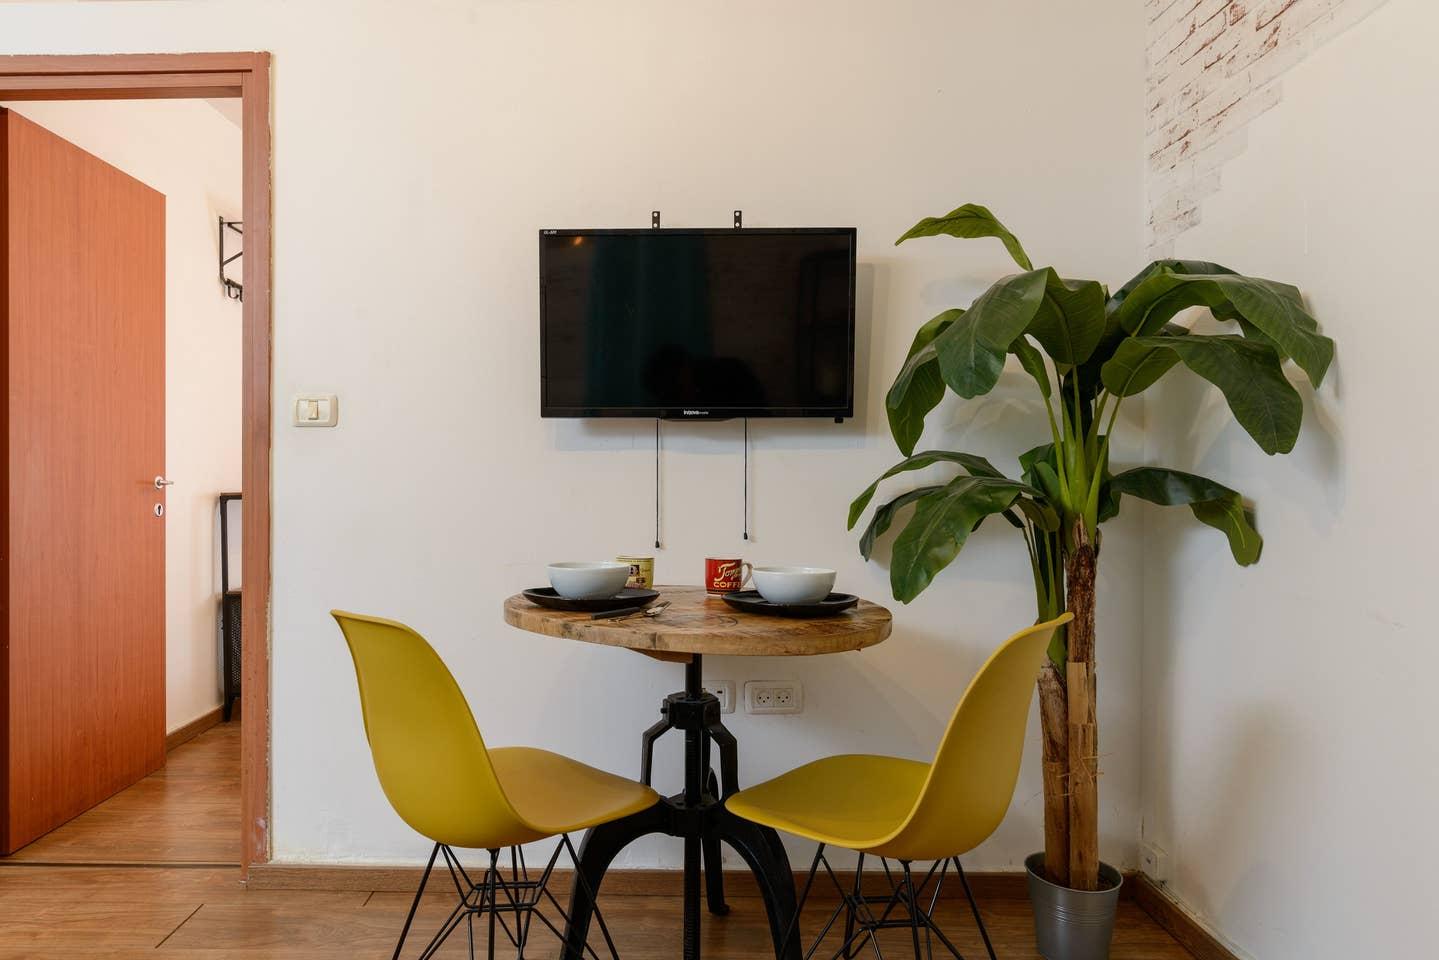 Apartment Designed apartment on Frishman Tlv photo 26055858